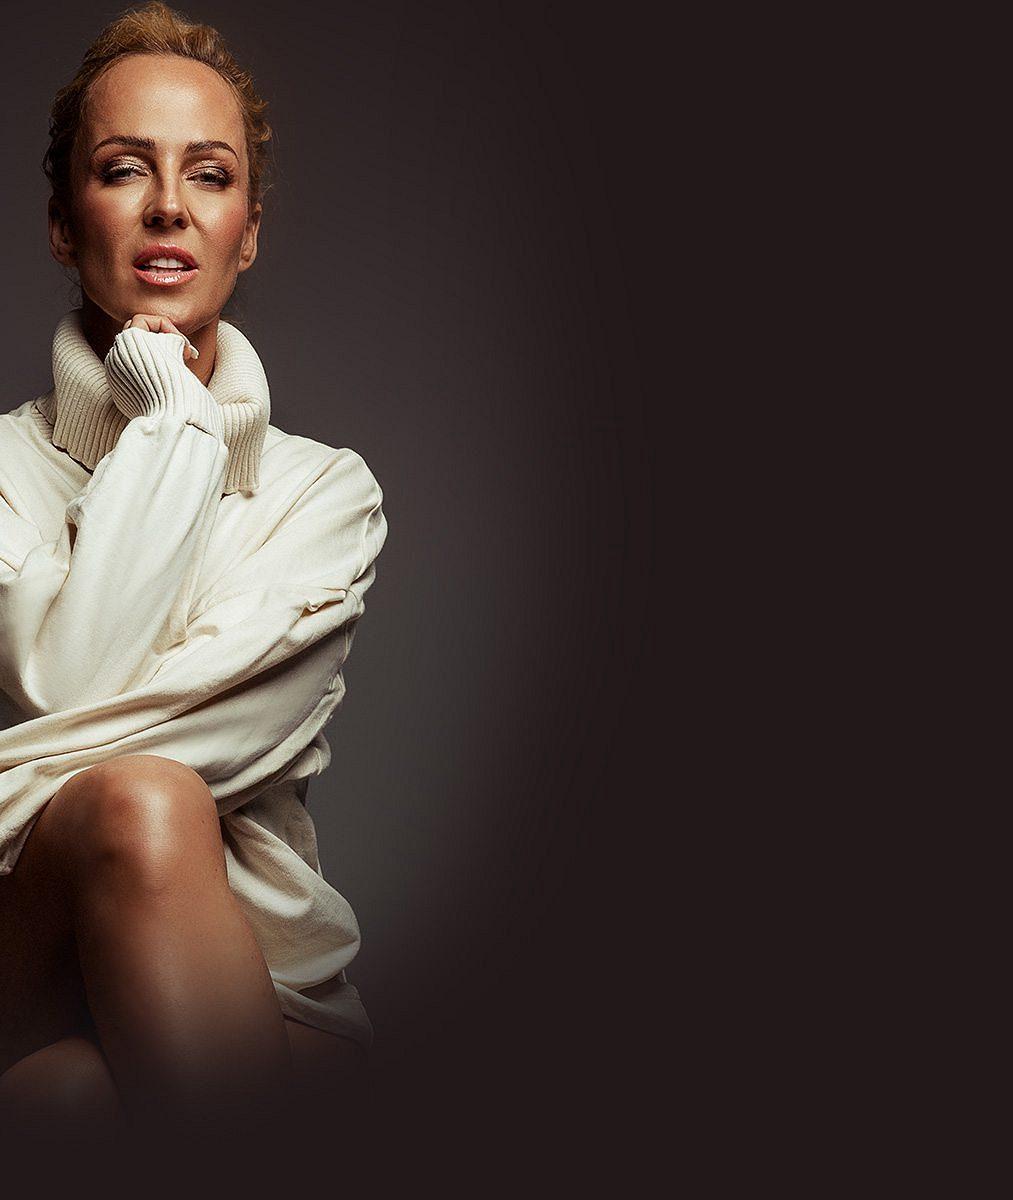 Bikinám letos ještě neodzvonilo: Belohorcová předvedla vtitěrném modelu naolejované tělo